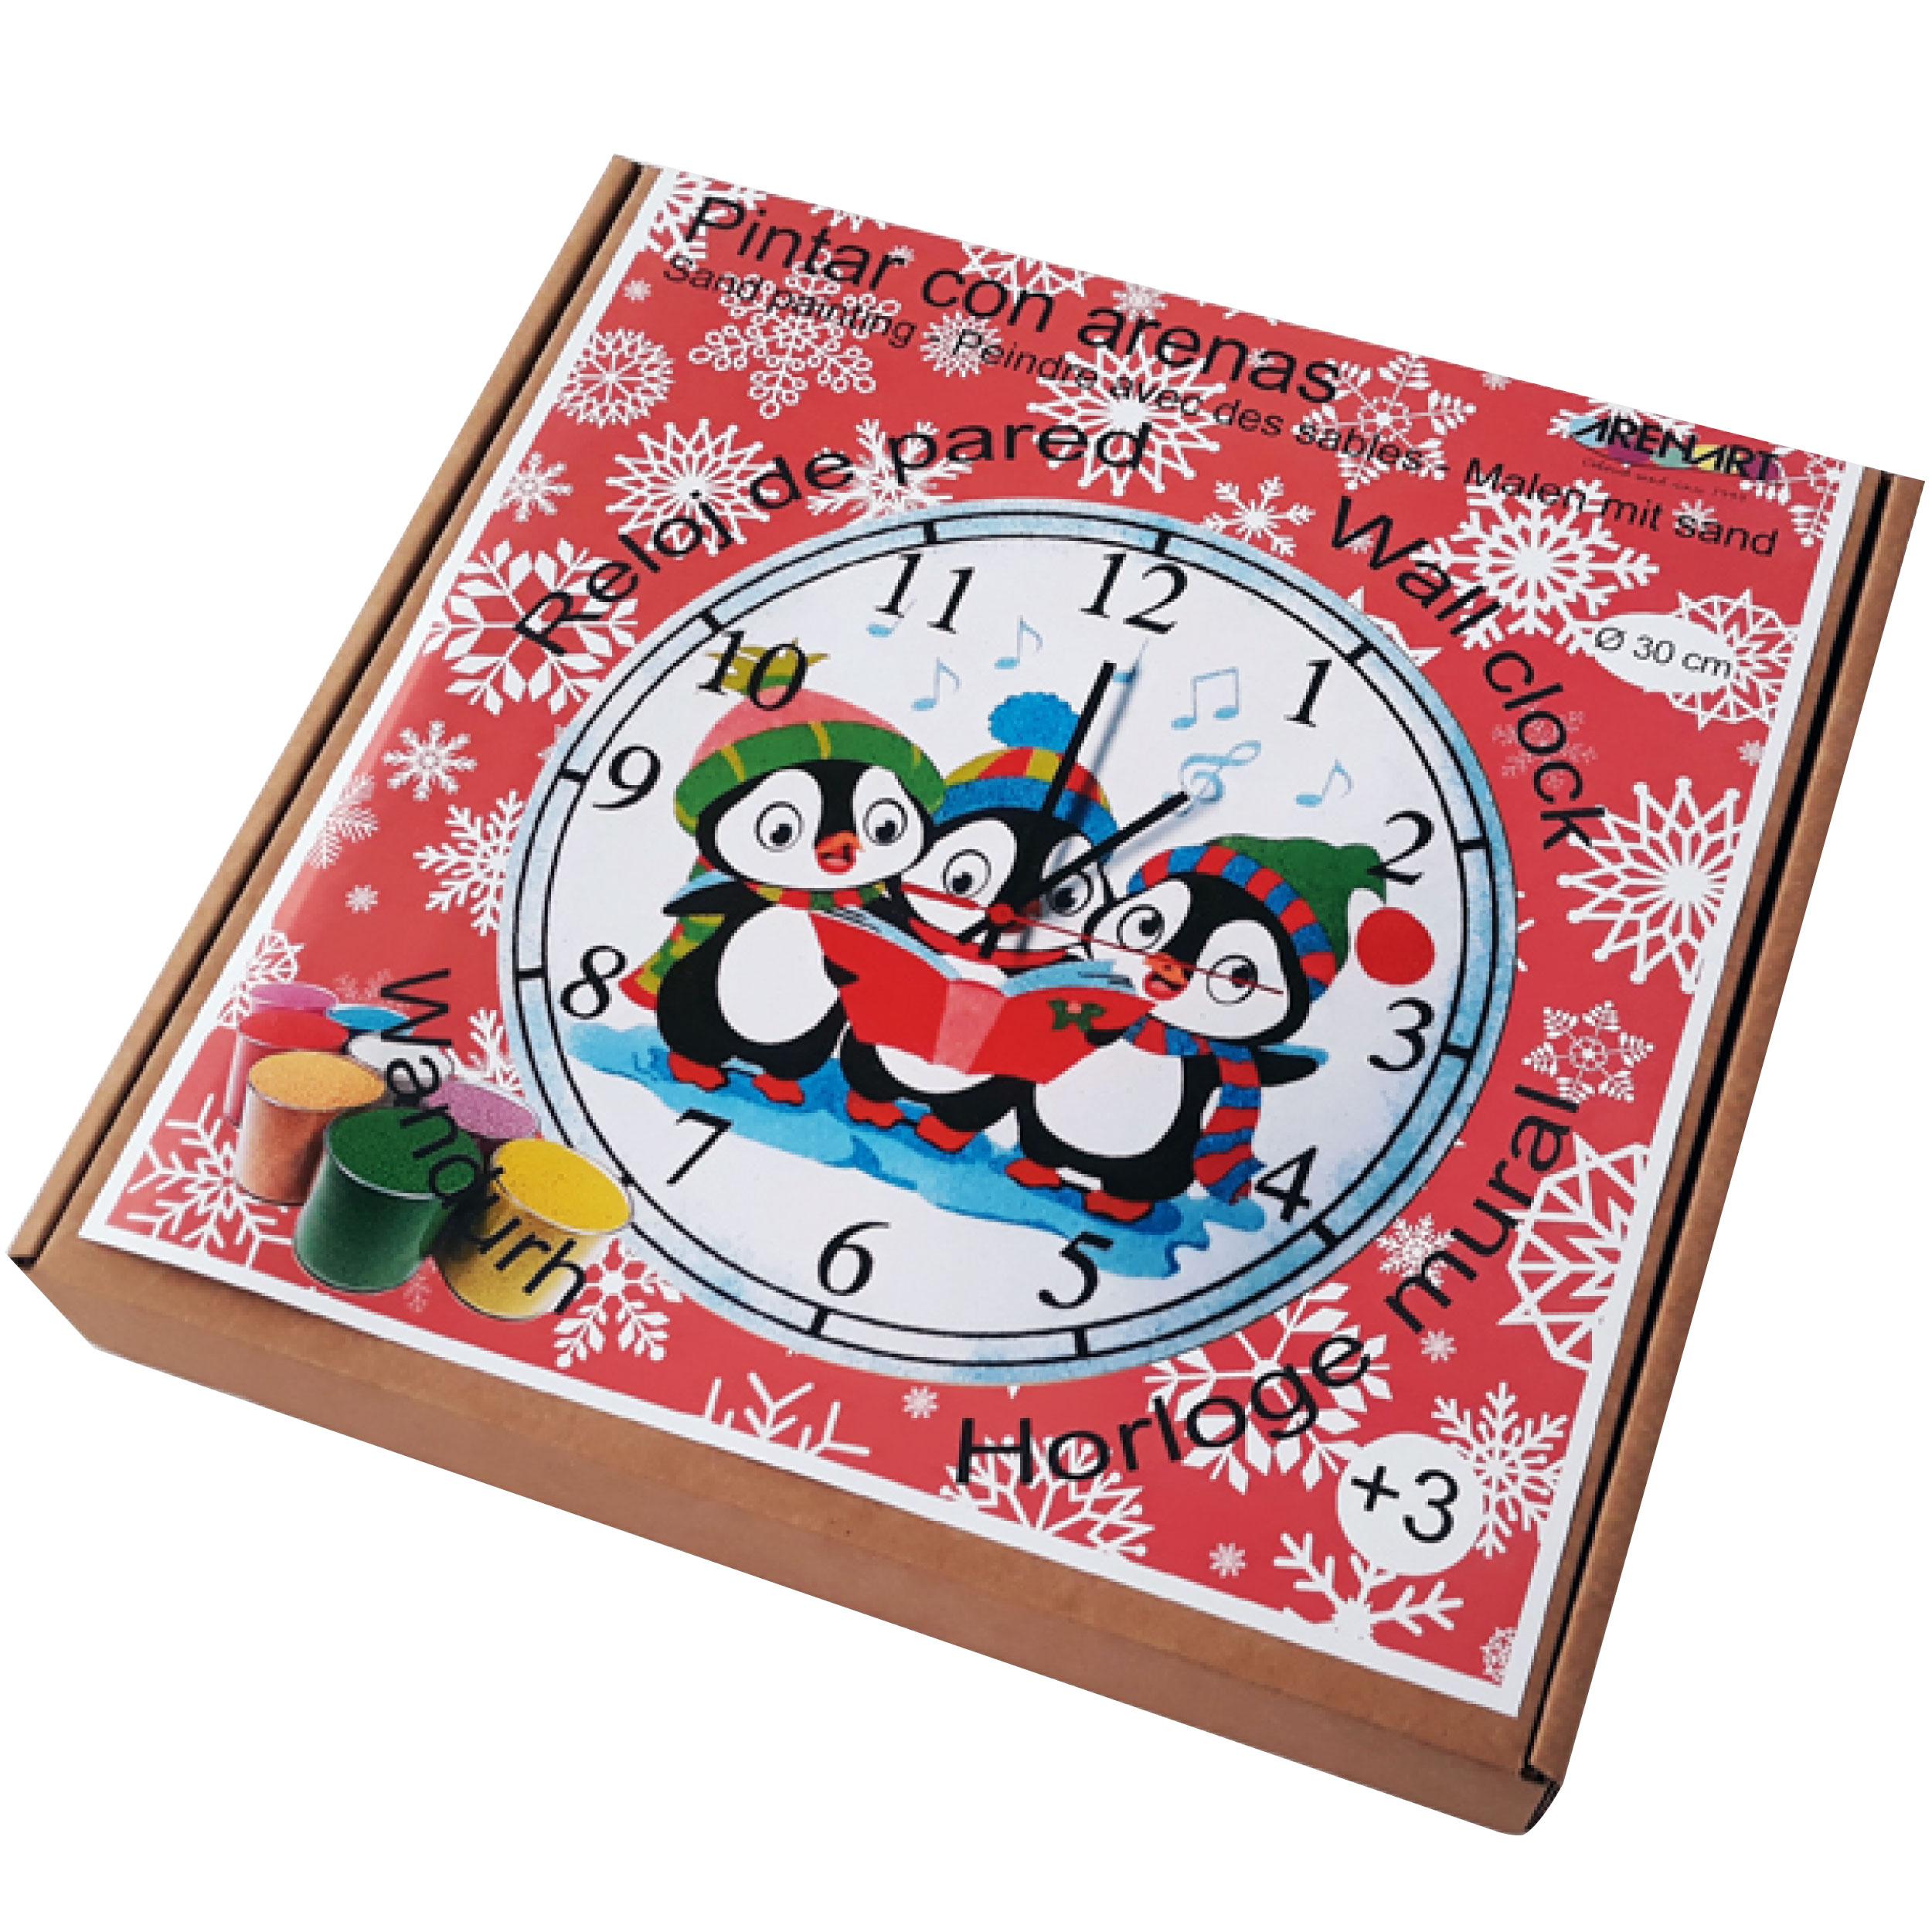 Set Pinta Reloj Pared con arenas. Pingüinos